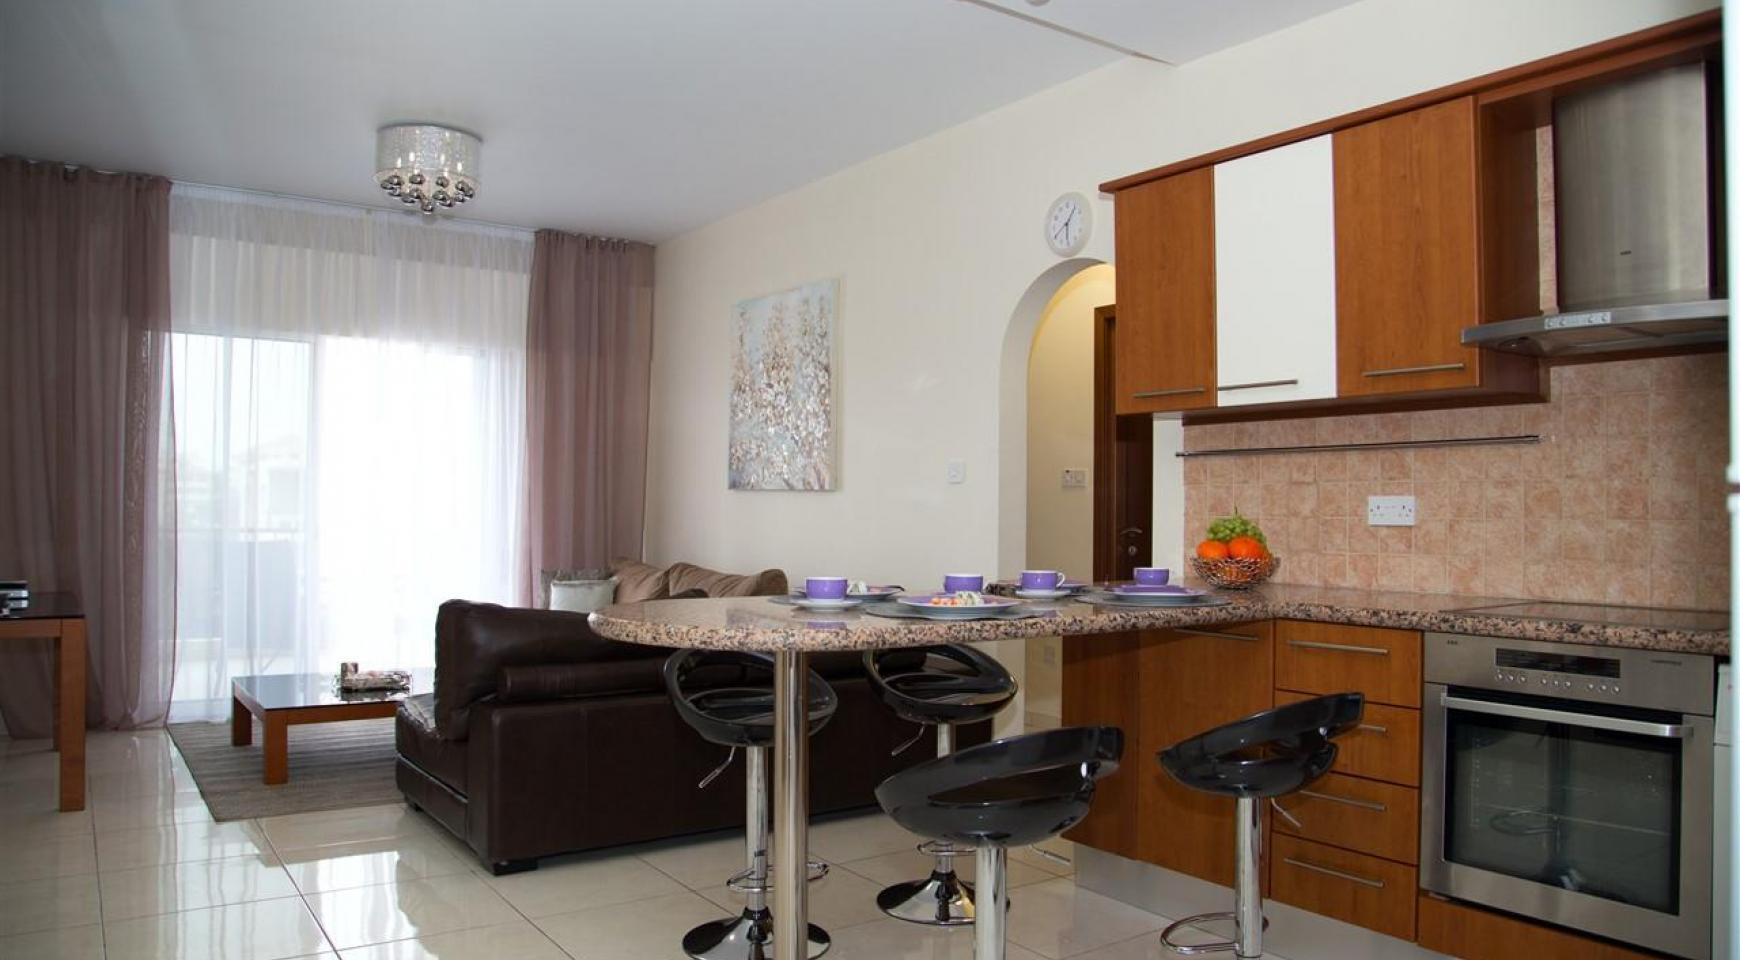 """2-Спальная Квартира - Люкс """"Mesogios Iris 304"""" в Туристической Зоне возле Моря - 7"""